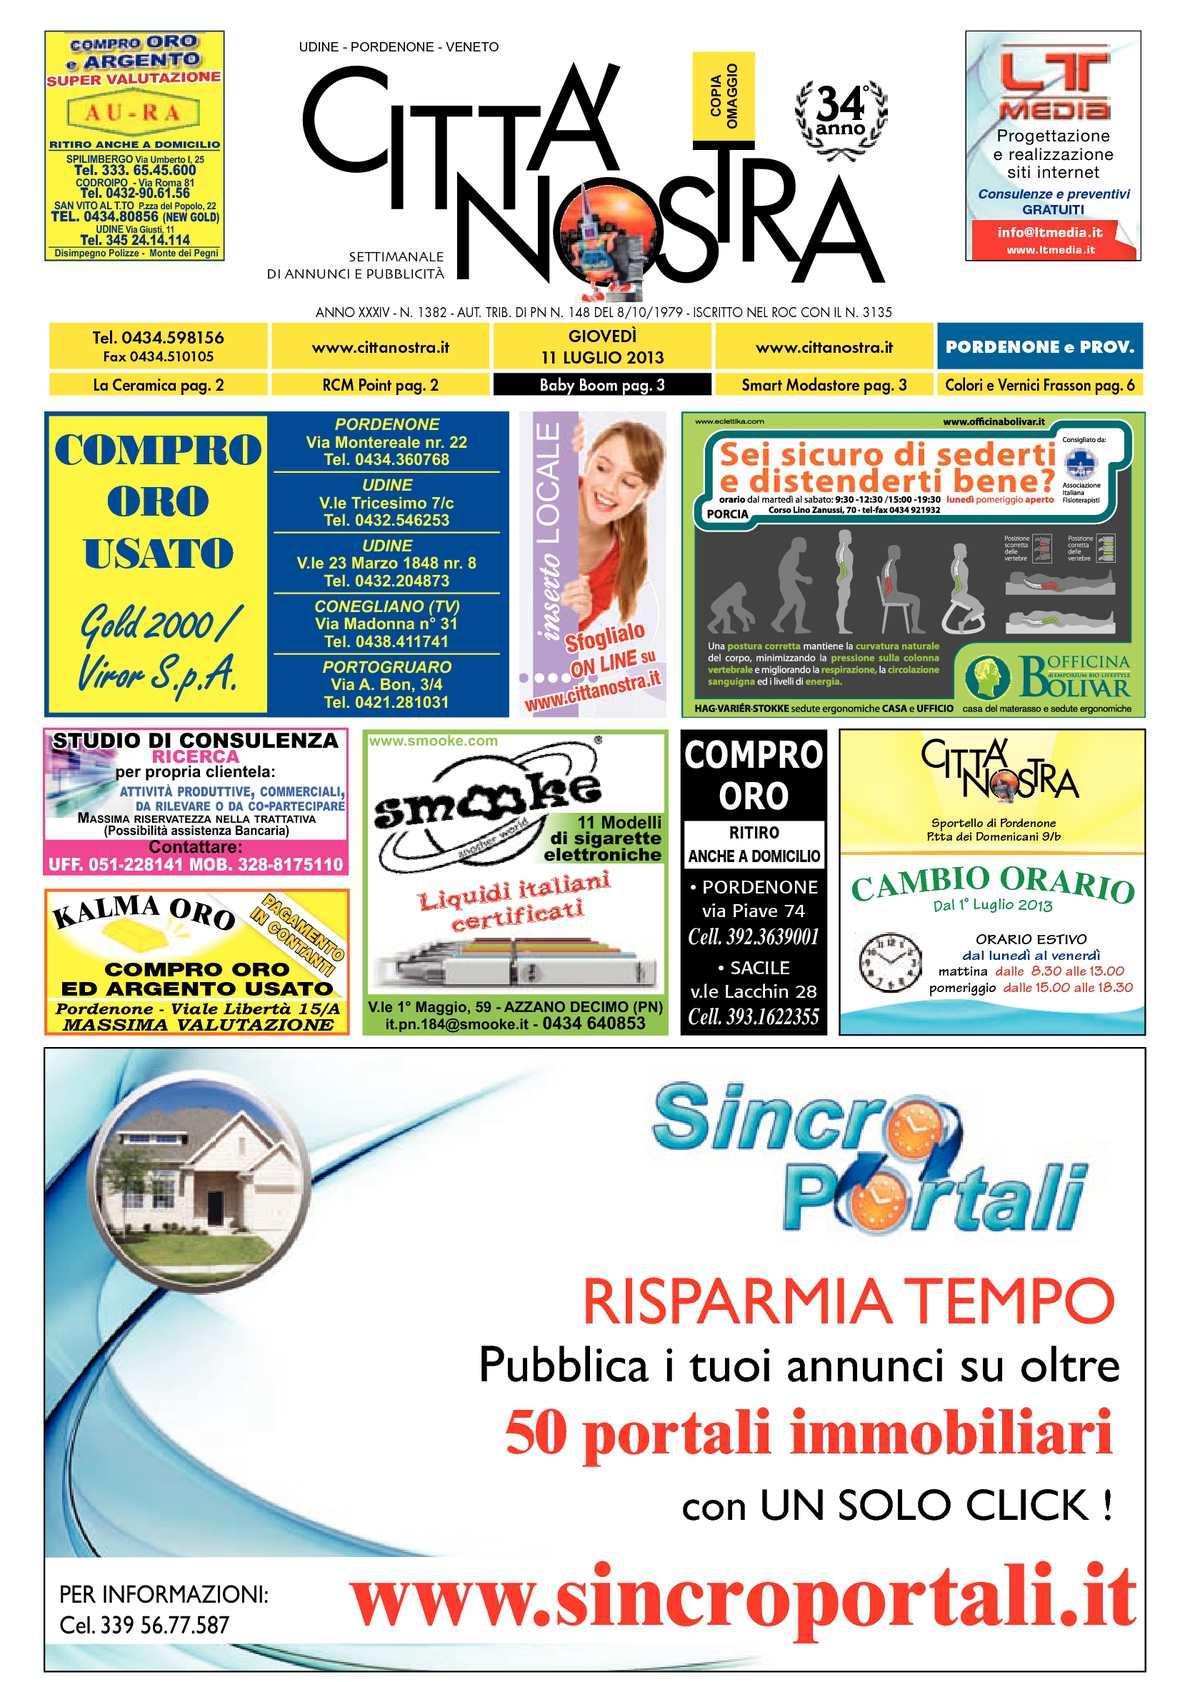 2013 11 Pordenone N Nostra 1382 Città Calaméo Del 07 S14wvqw